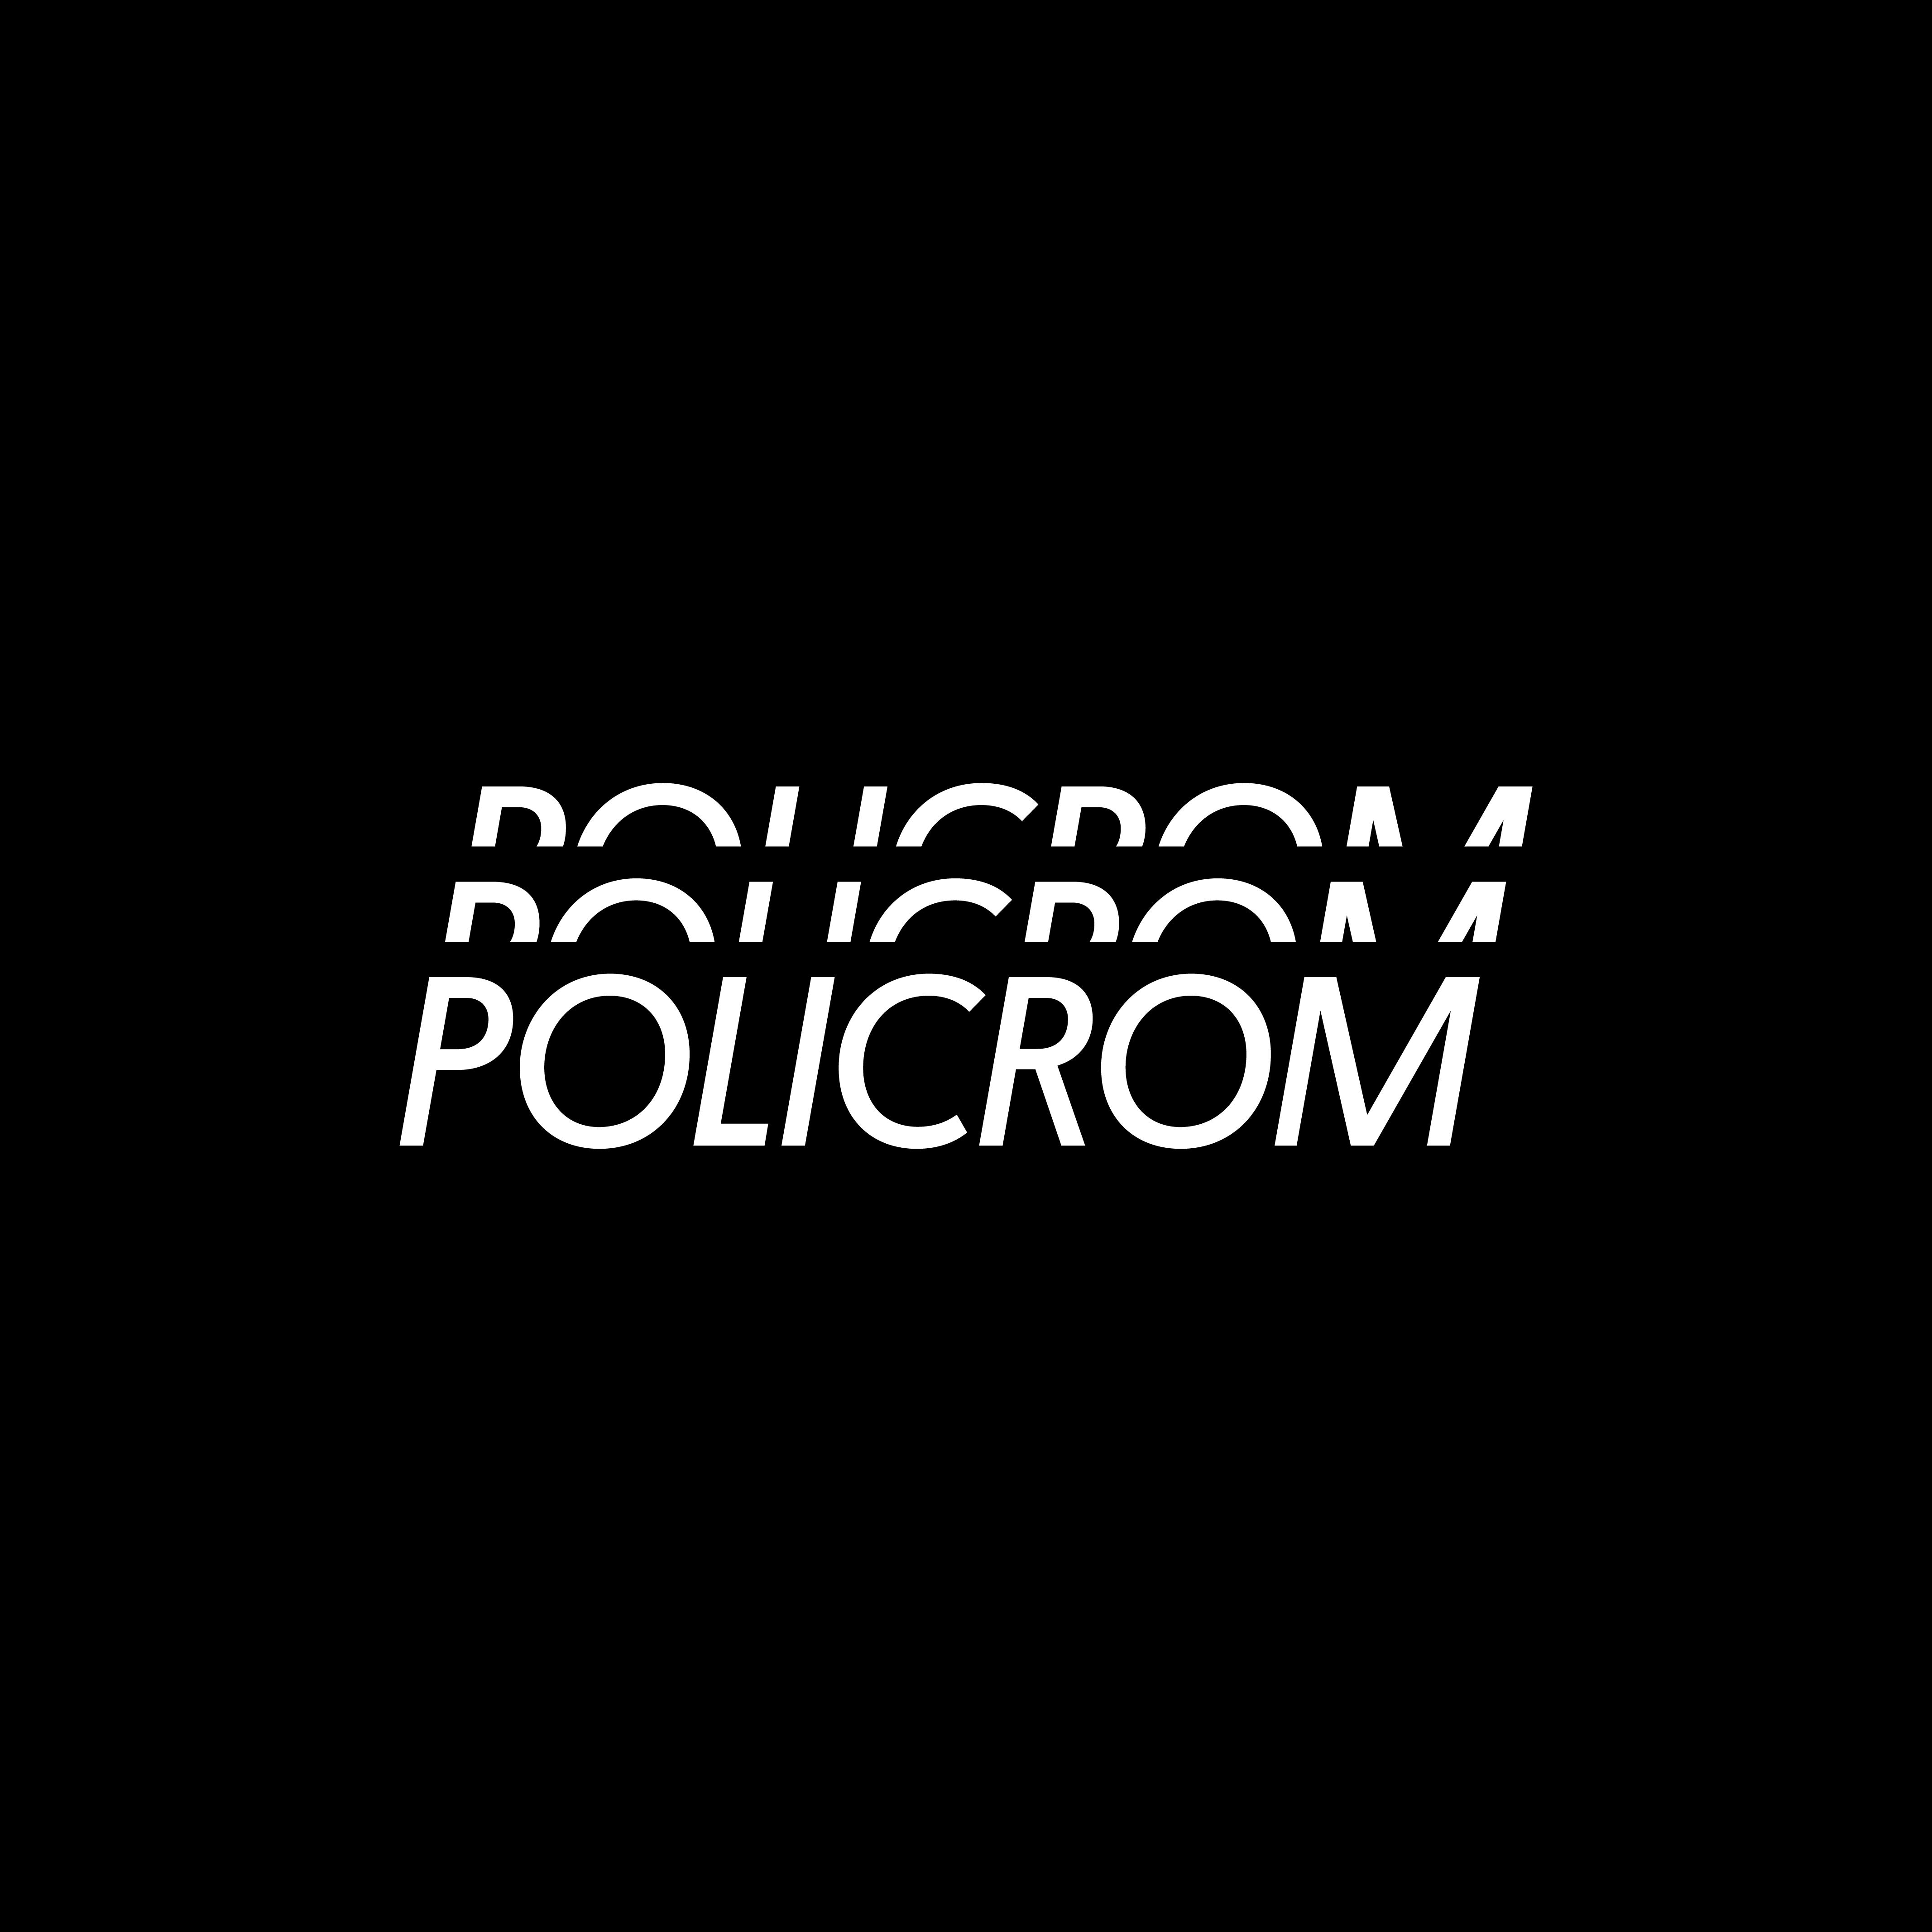 Logo para Policrom